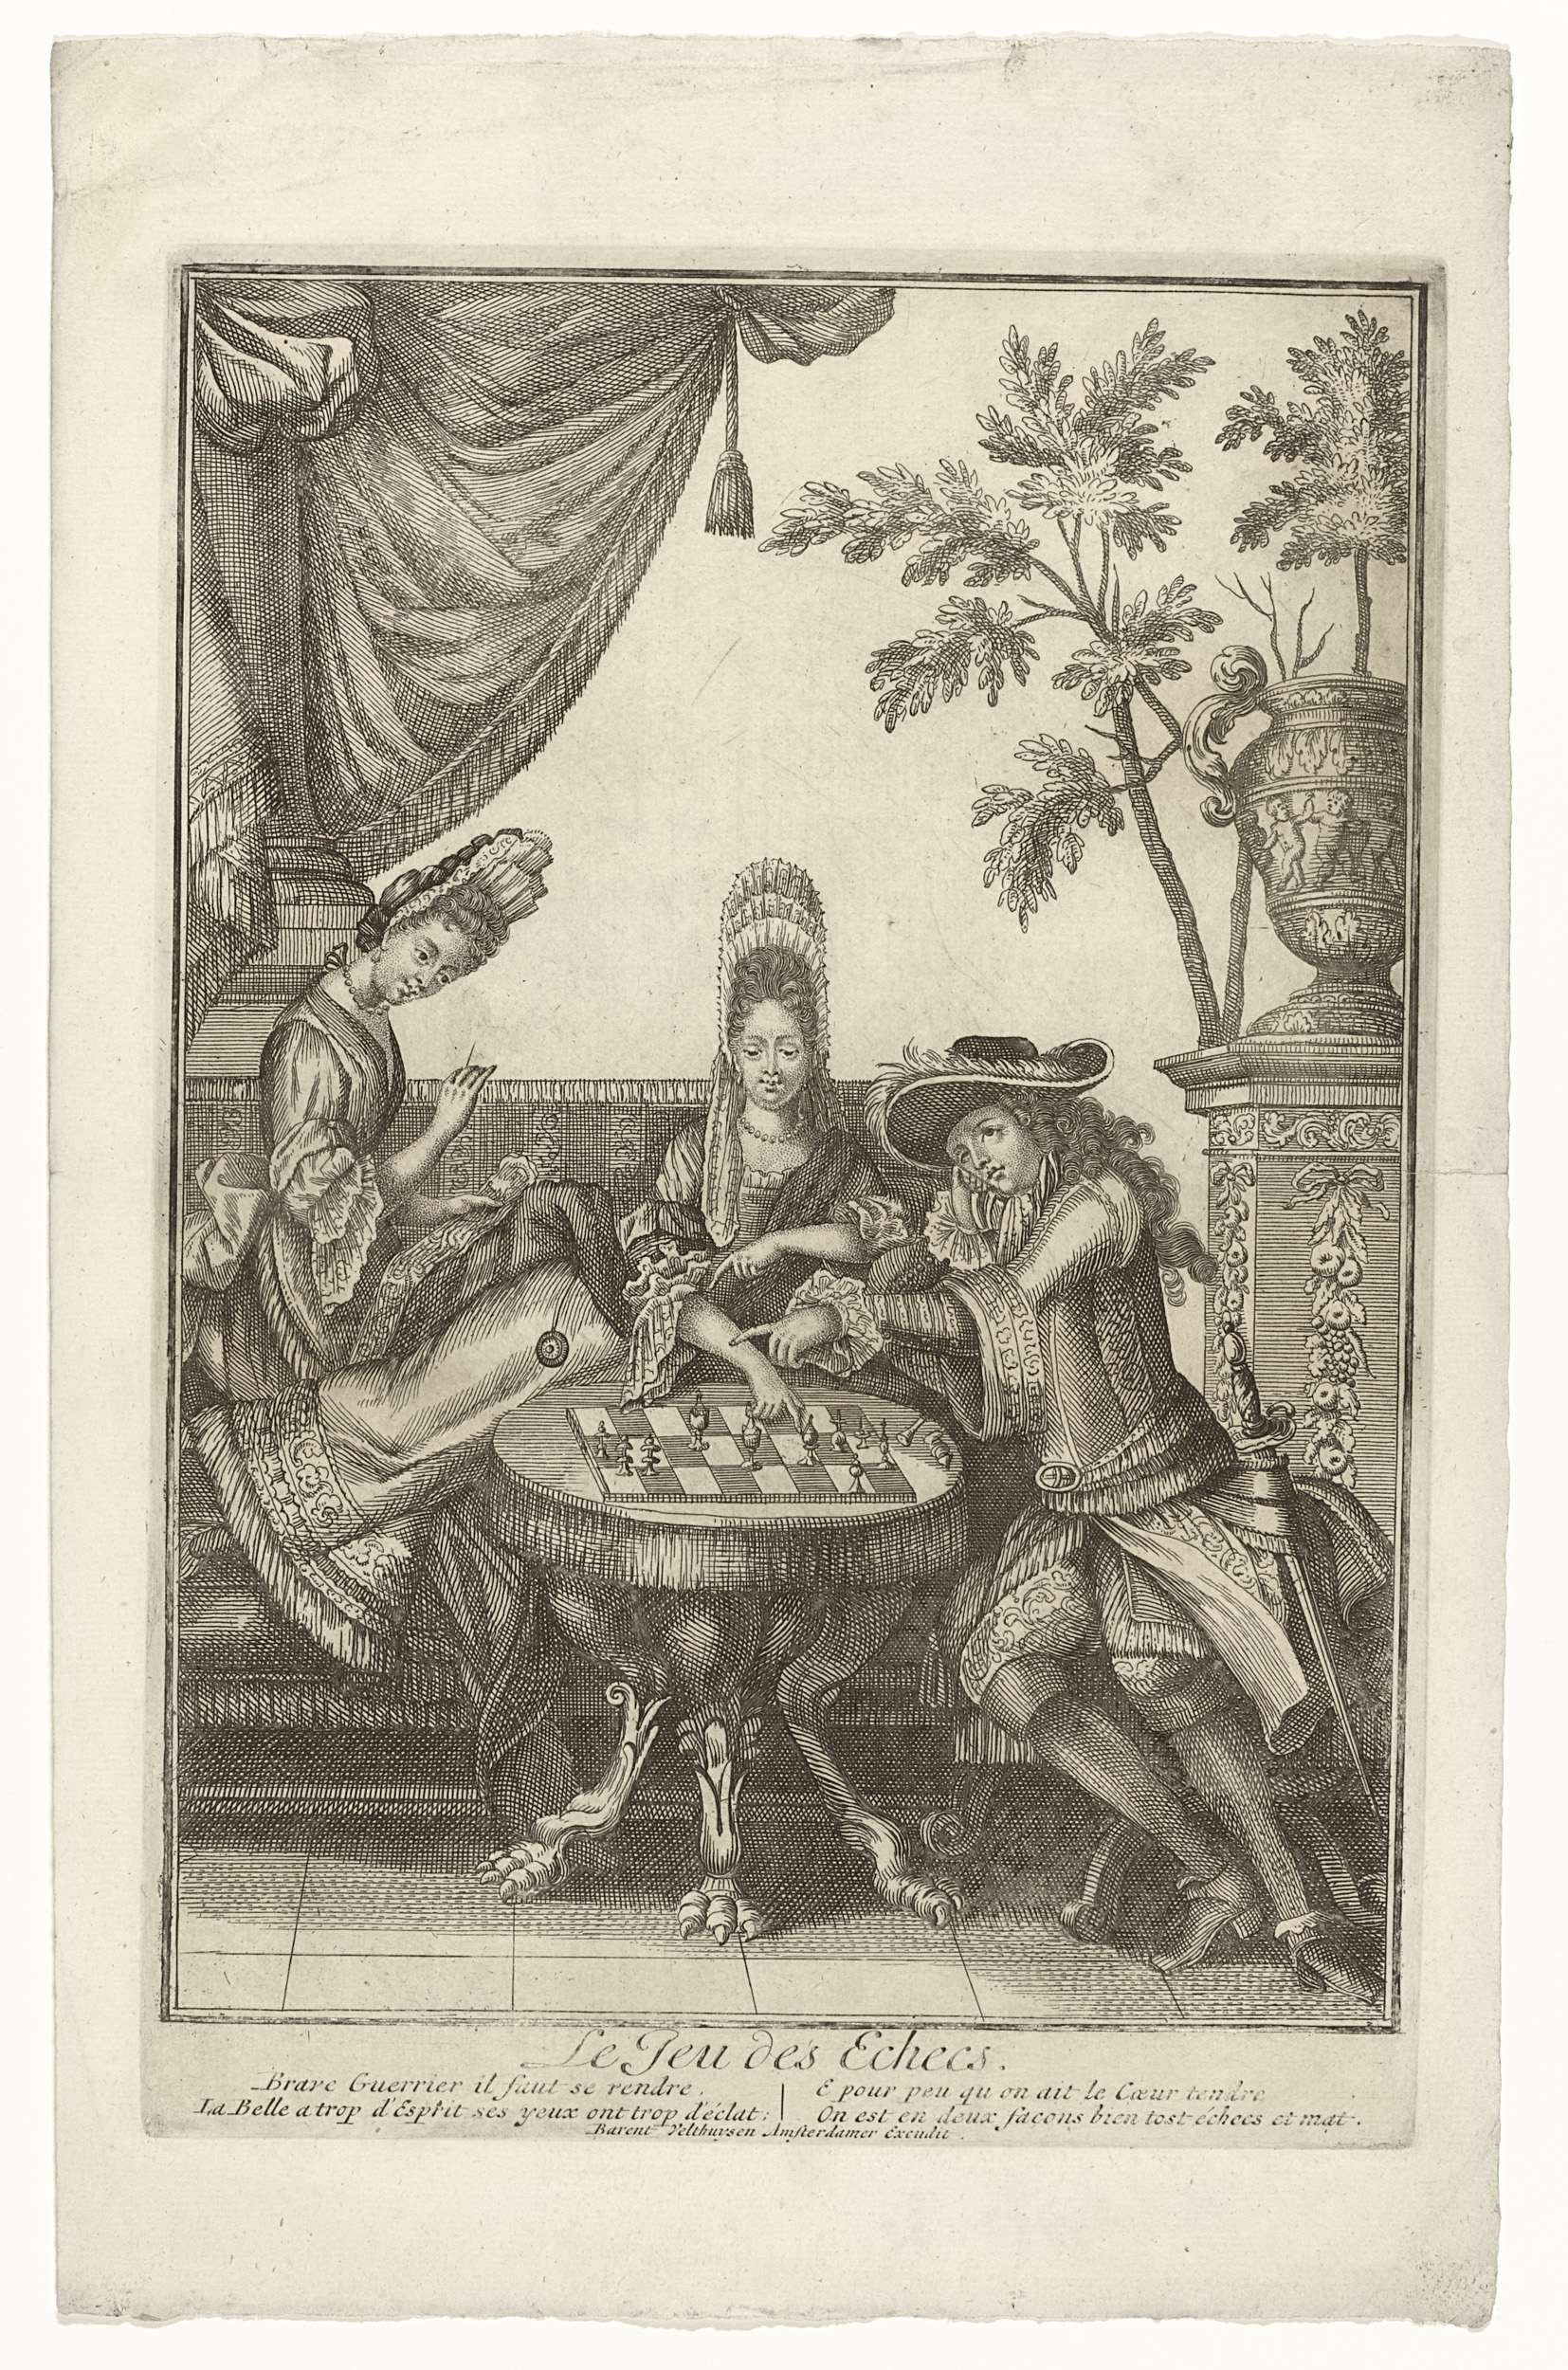 Barent Velthuysen   Le Jeu d'Echecs, Barent Velthuysen, Anonymous, c. 1680   Een gezelschap op een bordes, gekleed volgens de mode van 1680. Een man en vrouw zitten te schaken. Een bordurende vrouw kijkt toe. Beide vrouwen hebben een fontangekapsel.